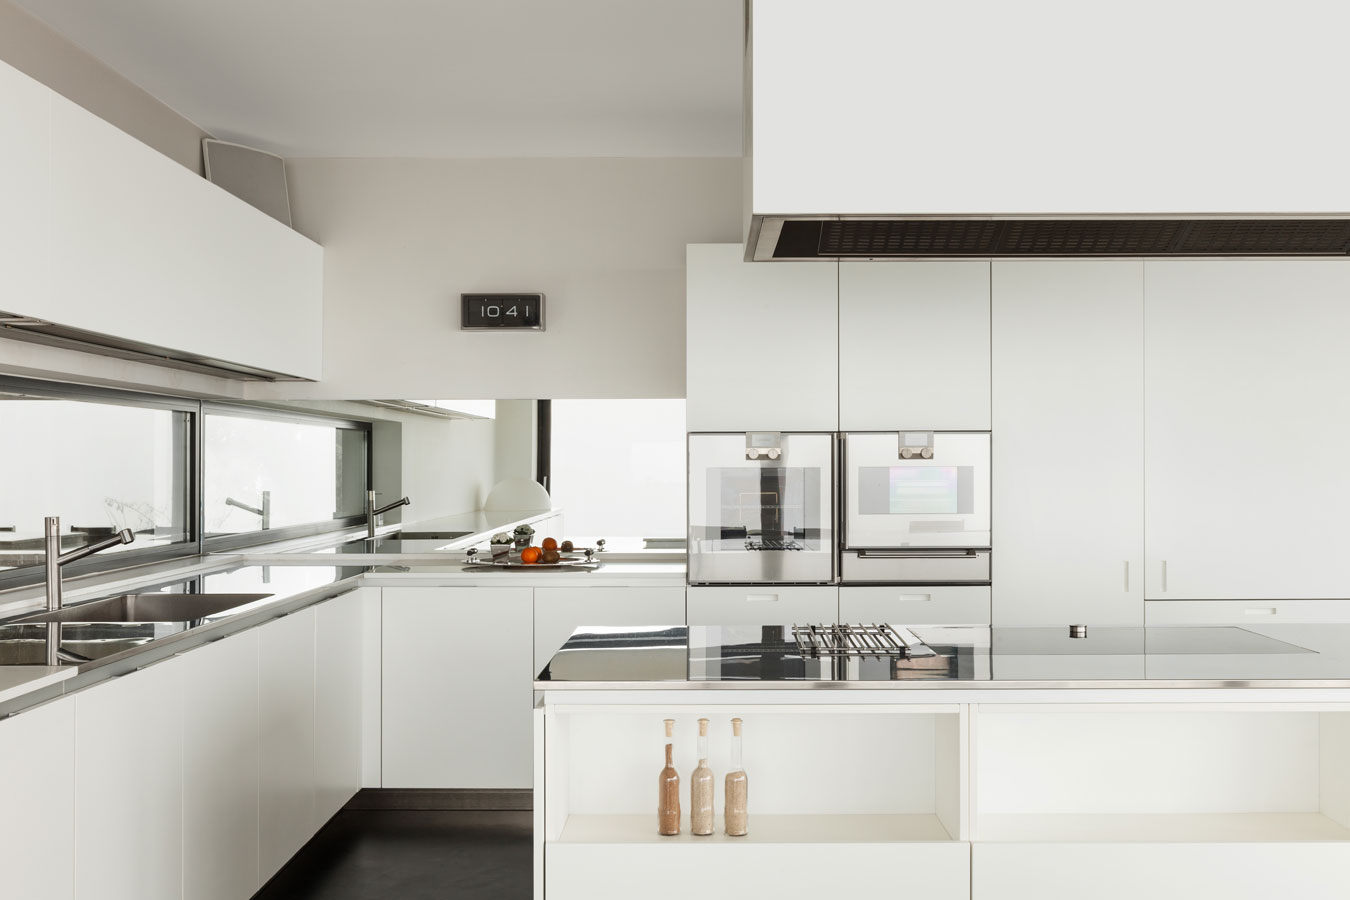 Keuken ideeën - Tips keukens ontwerpen & Inspiratie fotos